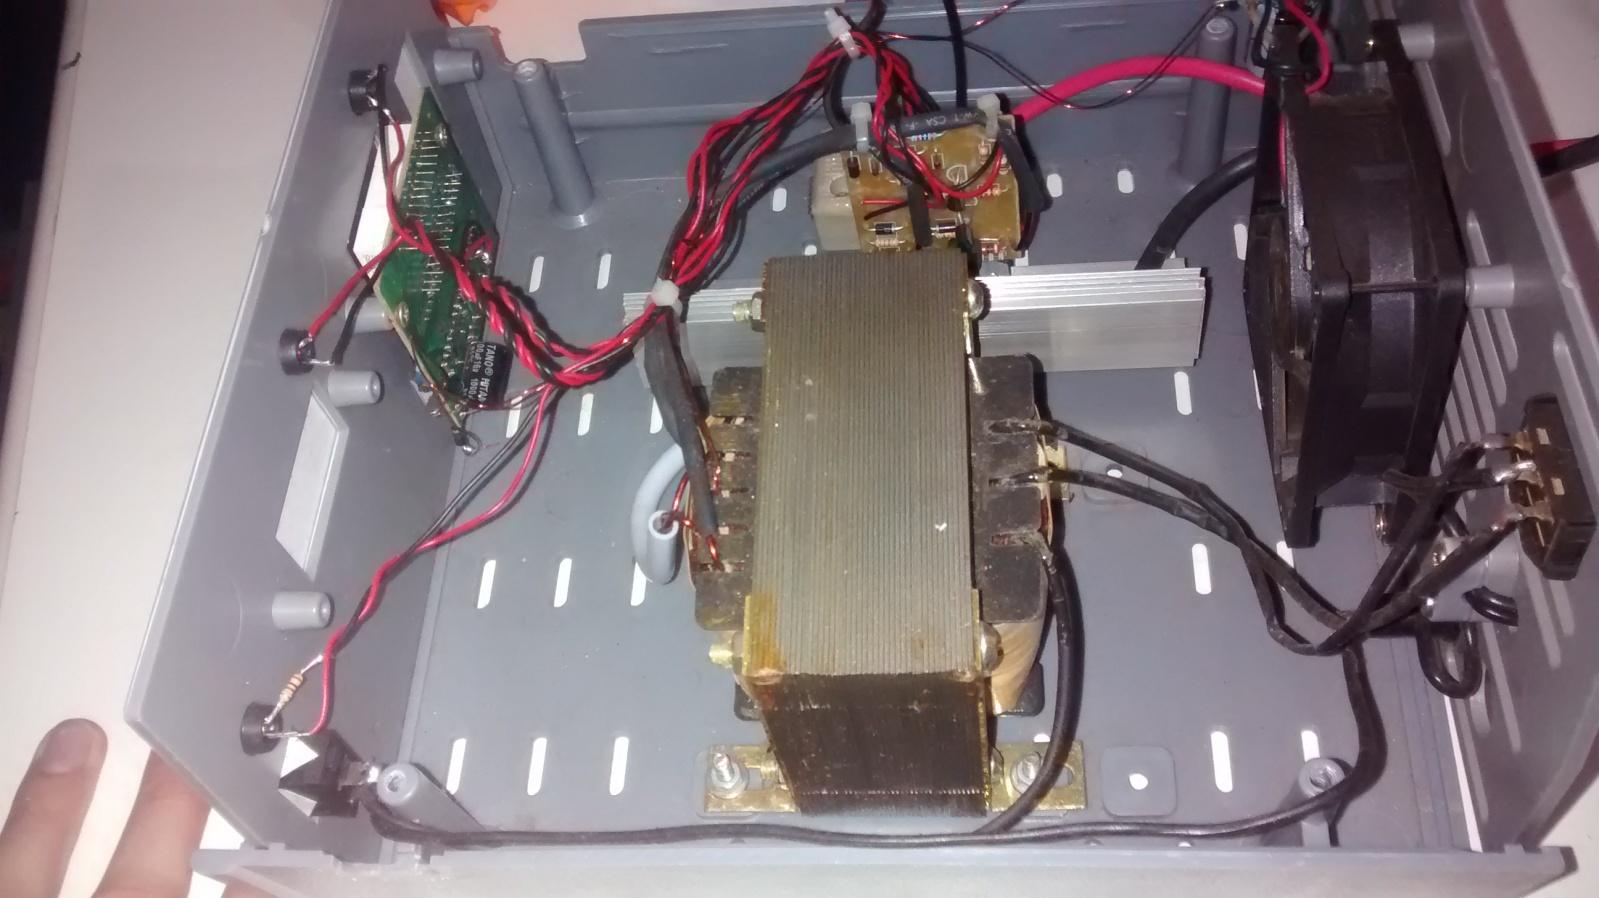 Ajuda com Carregador de baterias flutuador, com mosfet 2hn6wzk